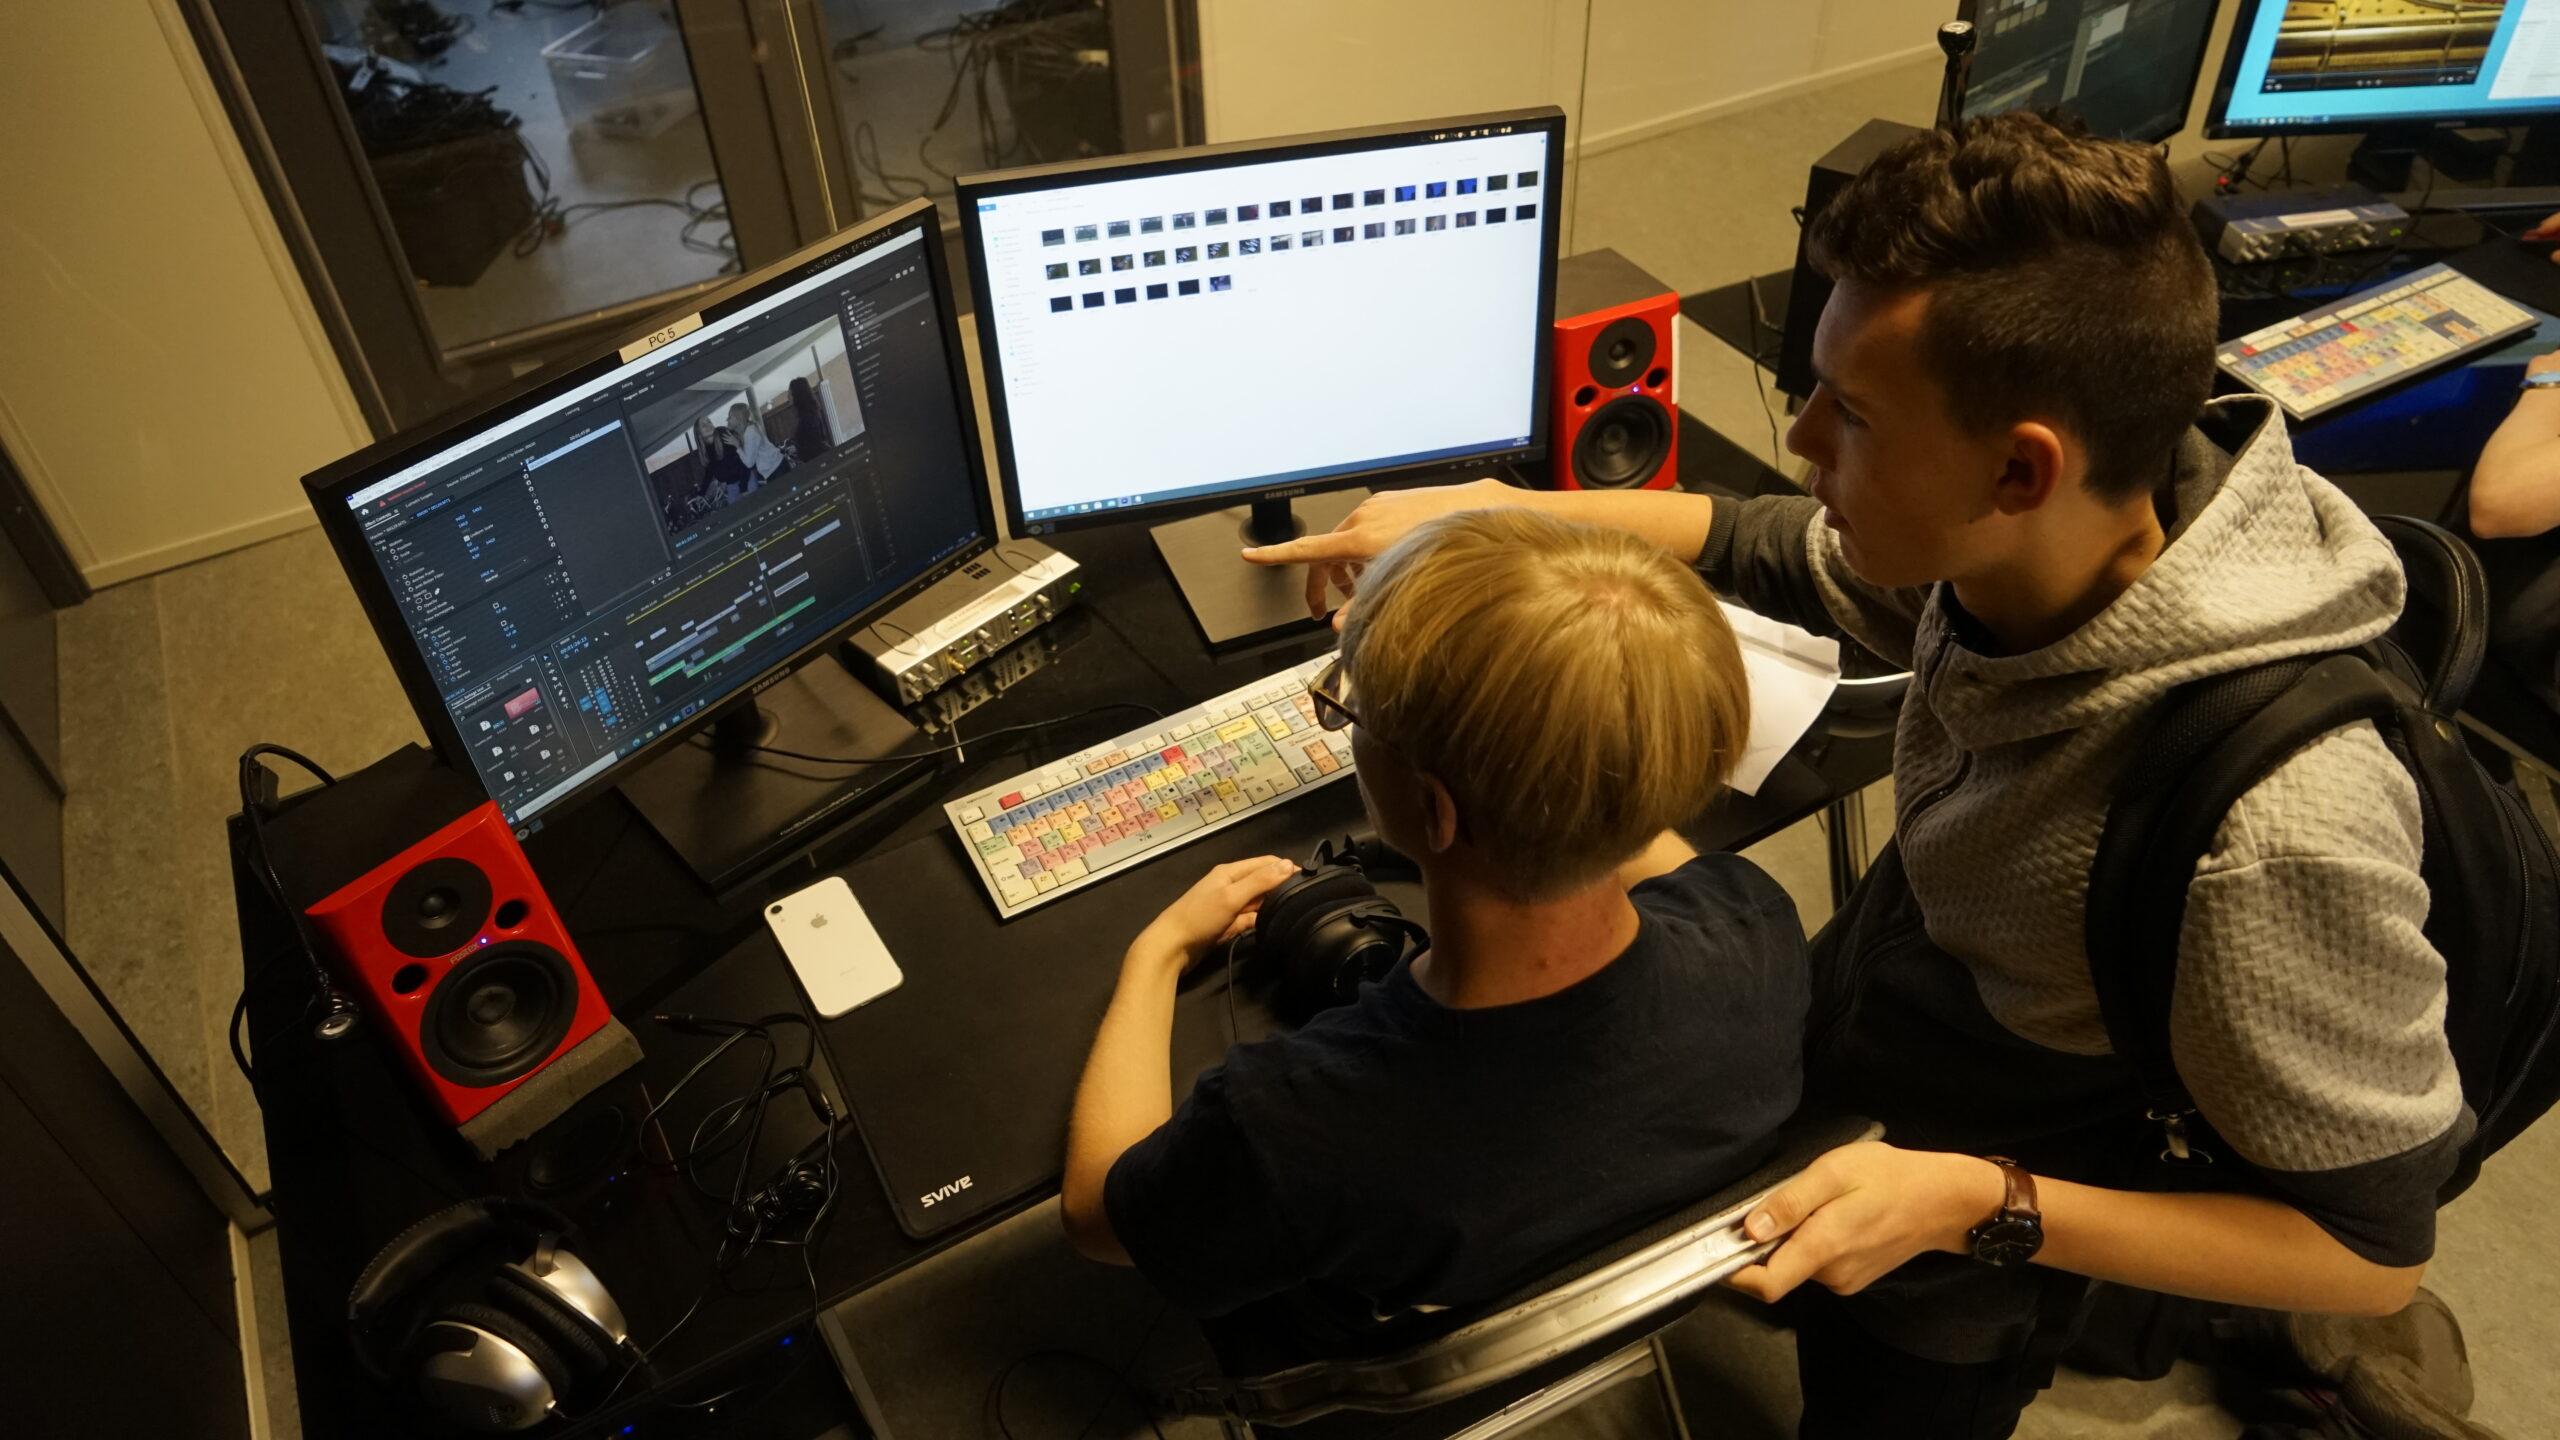 Vi redigerer film i vores klipperum